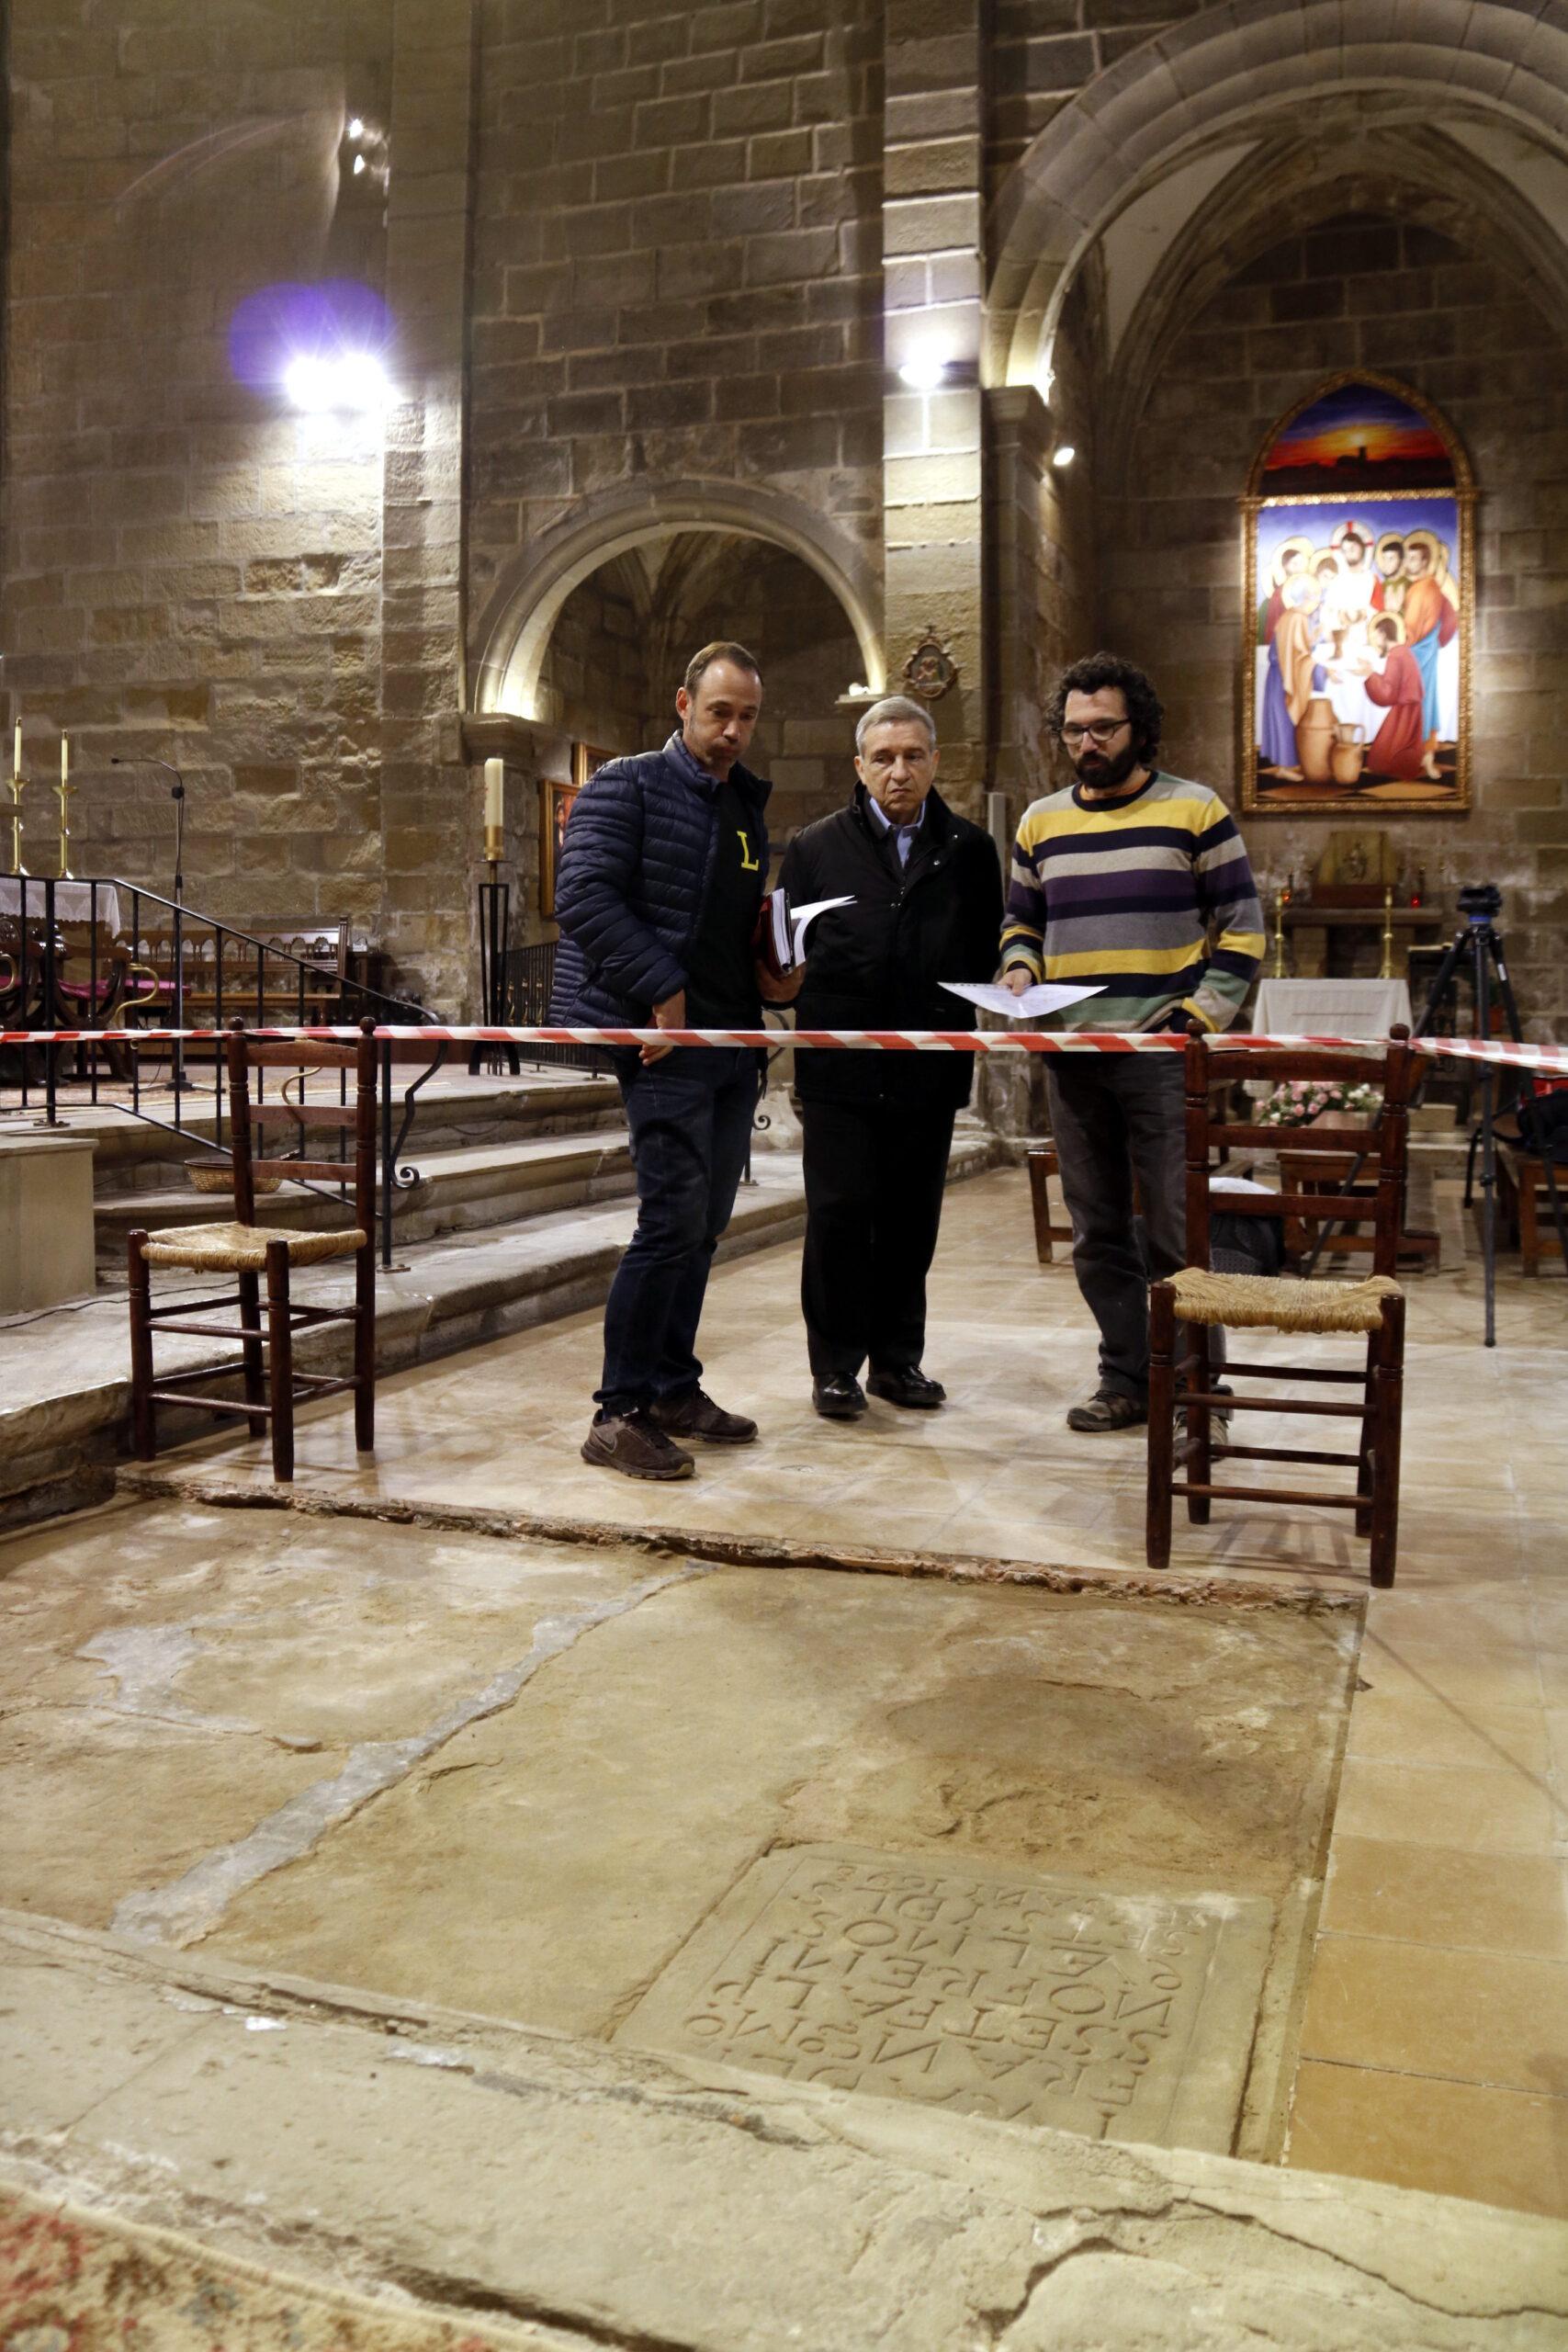 L'arqueòleg d'ILTIRTA Arqueologia, Andreu Moya; l'alcalde de Linyola, Àlex Mases, i el mossèn Pere, observen la làpida trobada a l'església de Santa Maria de Linyola. Imatge del 19 de març de 2019. (Vertical)